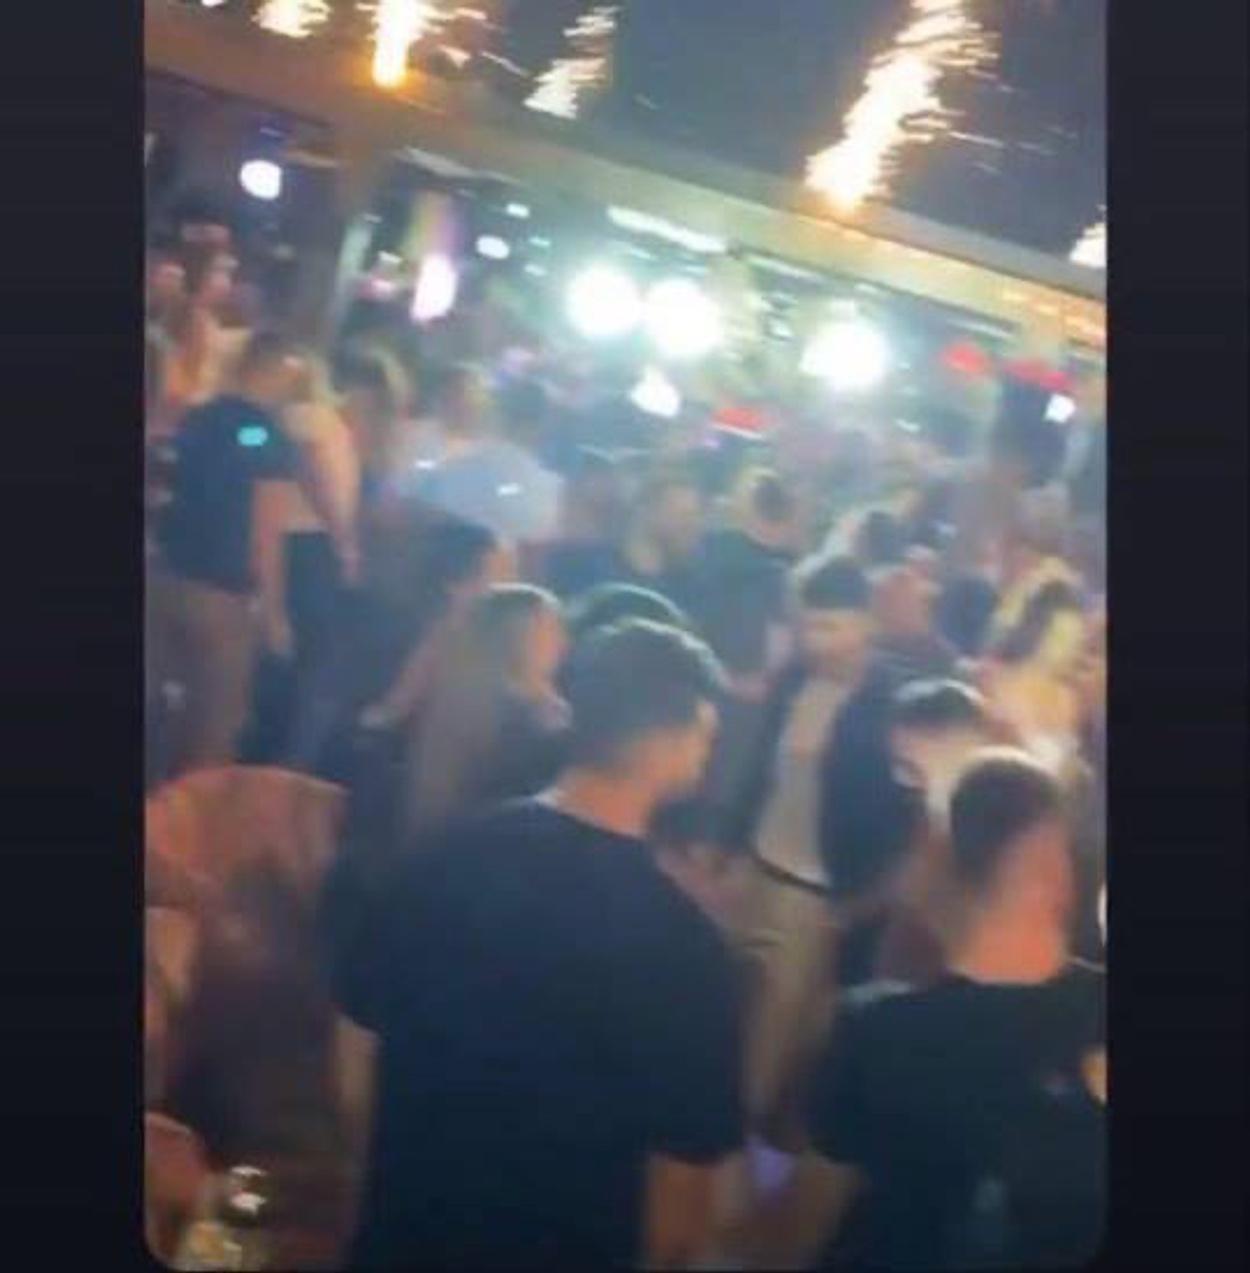 Λουκέτο δυο μηνών και πρόστιμο 20.000 ευρώ στο μπαρ για το πάρτι συνωστισμού στον Άλιμο